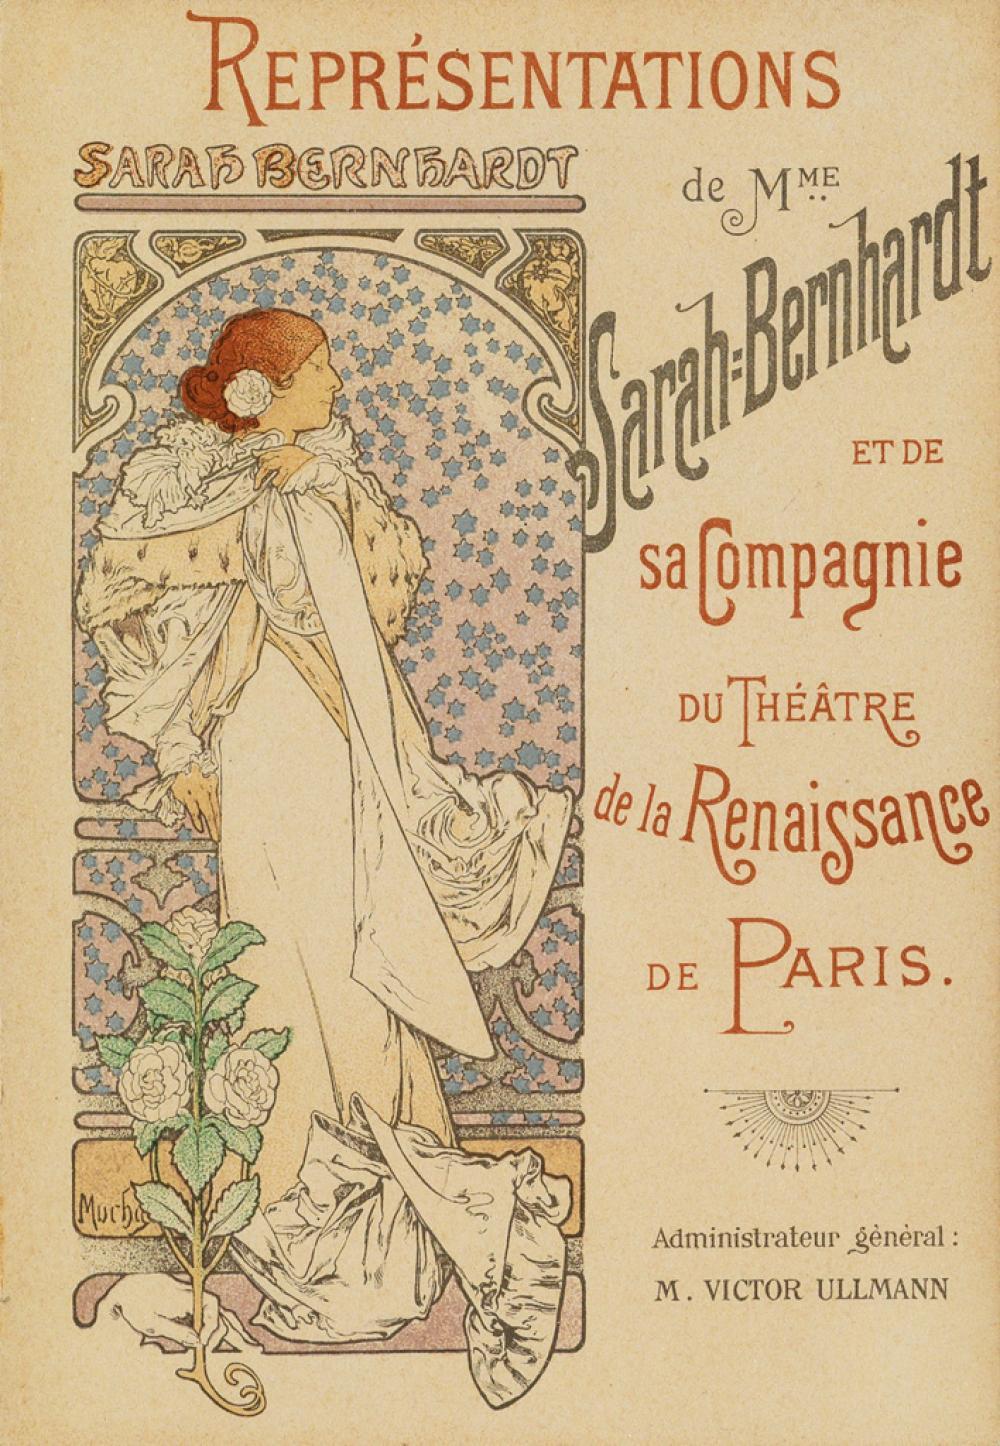 ALPHONSE MUCHA (1860-1939). REPRÉSENTATIONS DE MME SARAH BERNHARDT. Theatre program. 1898. 7x5 inches, 19x13 cm.